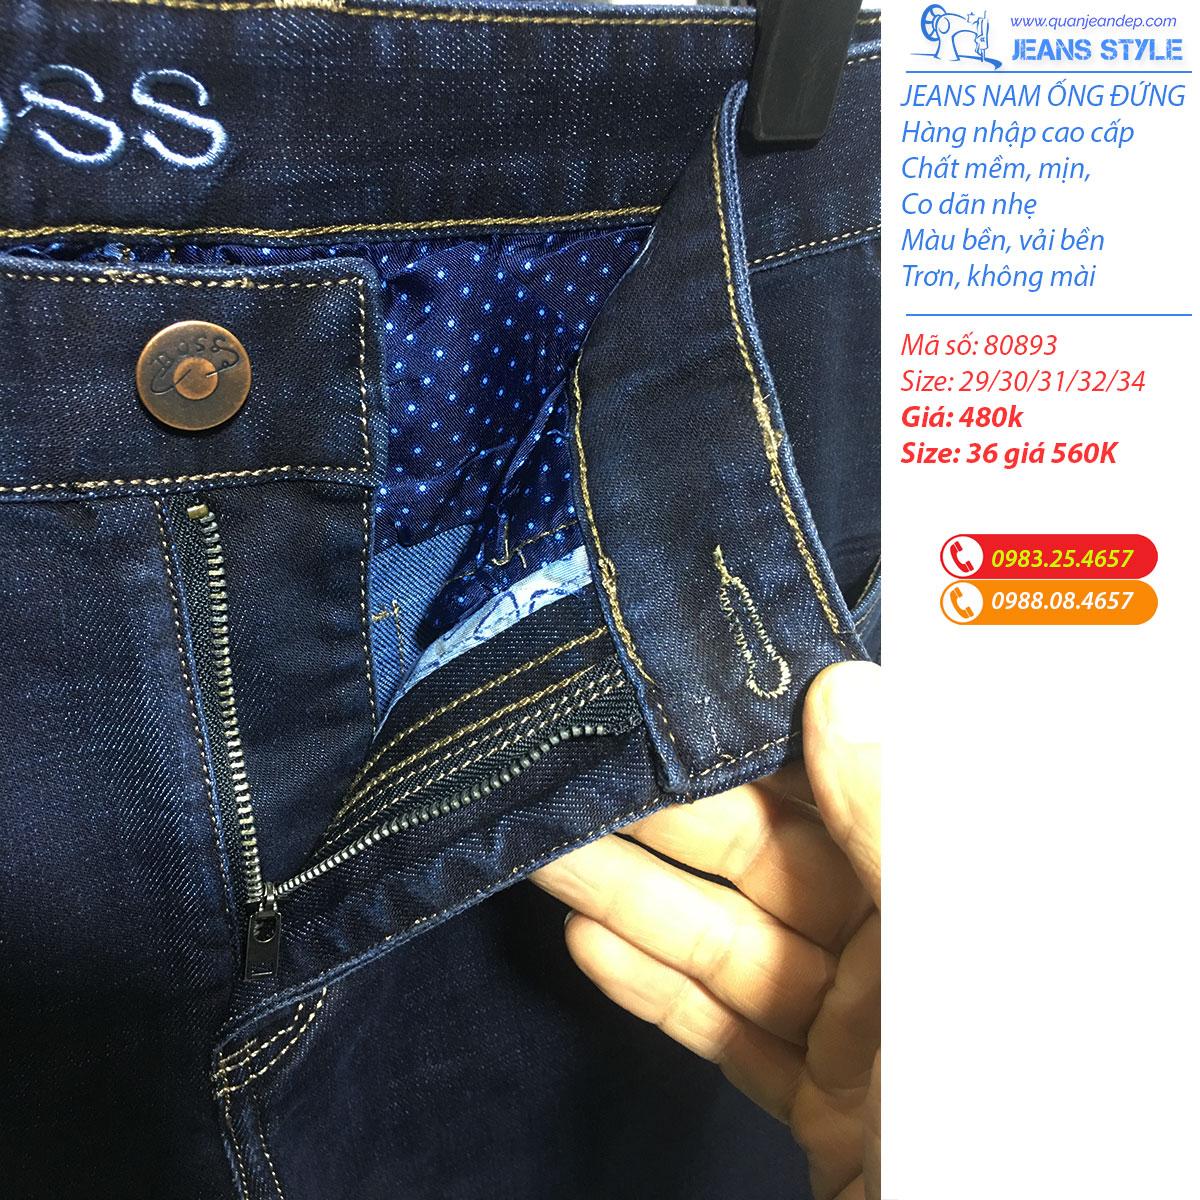 Jeans nam dáng ống đứng co giãn 80893 Giá:480.000,00 ₫